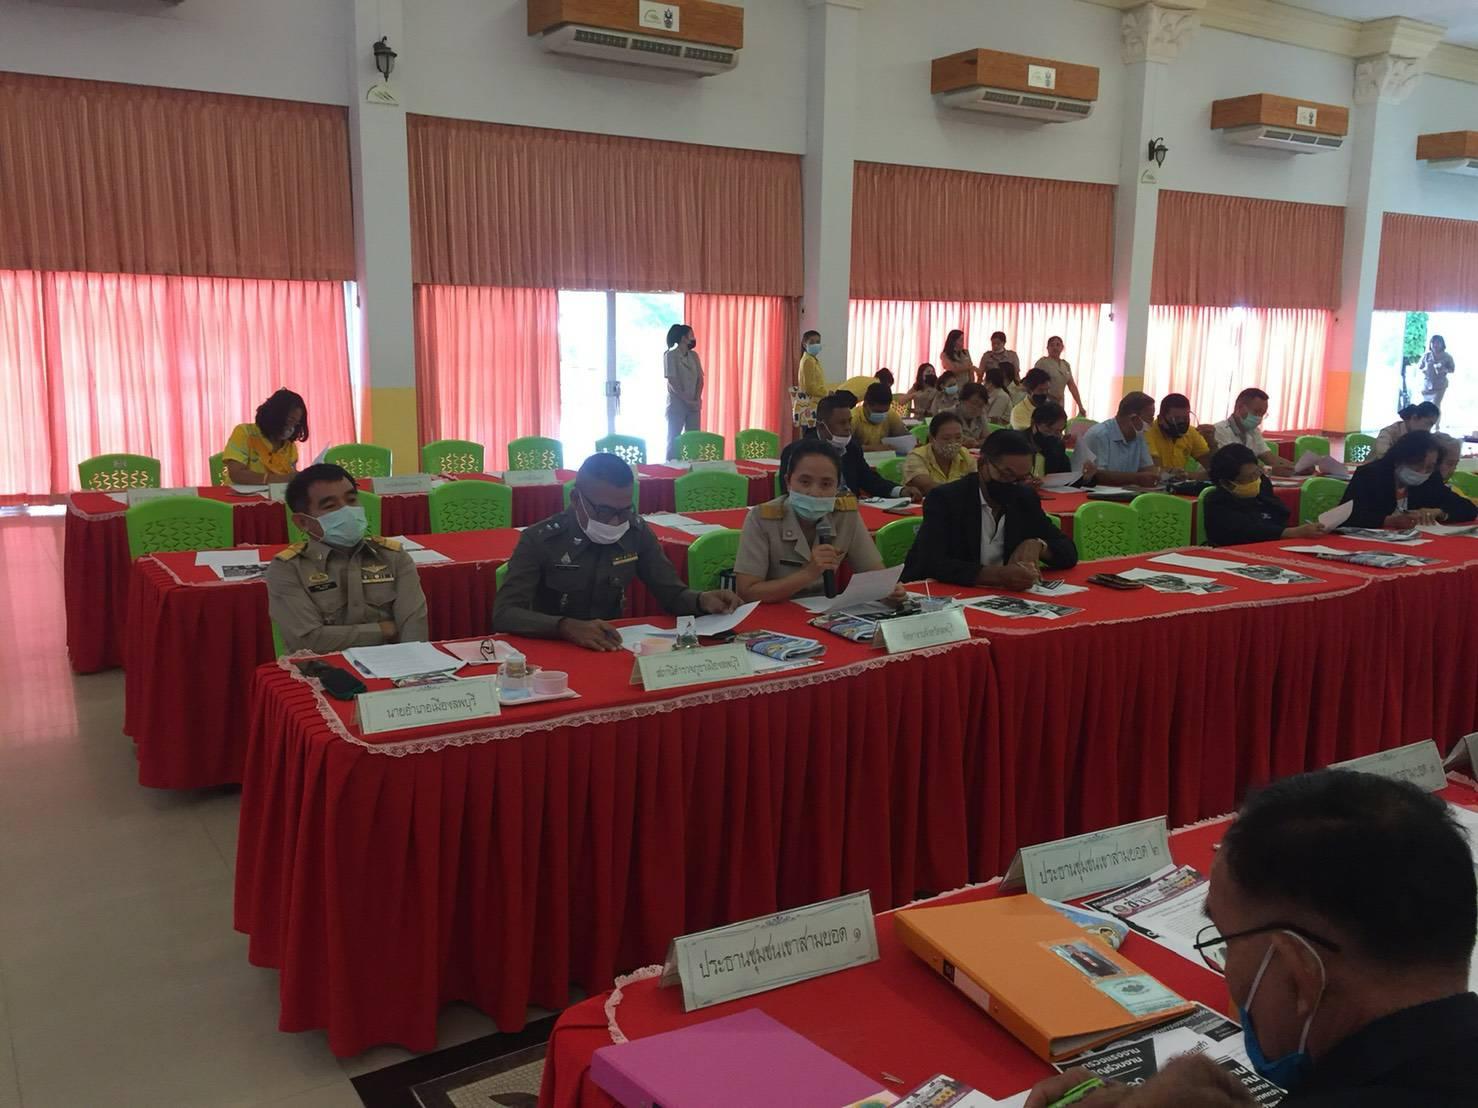 ประชาสัมพันธ์การจัดงาน Job Expo Thailand 2020 และแนวทางการบริหารจัดการการทำงานของแรงงานต่างด้าว